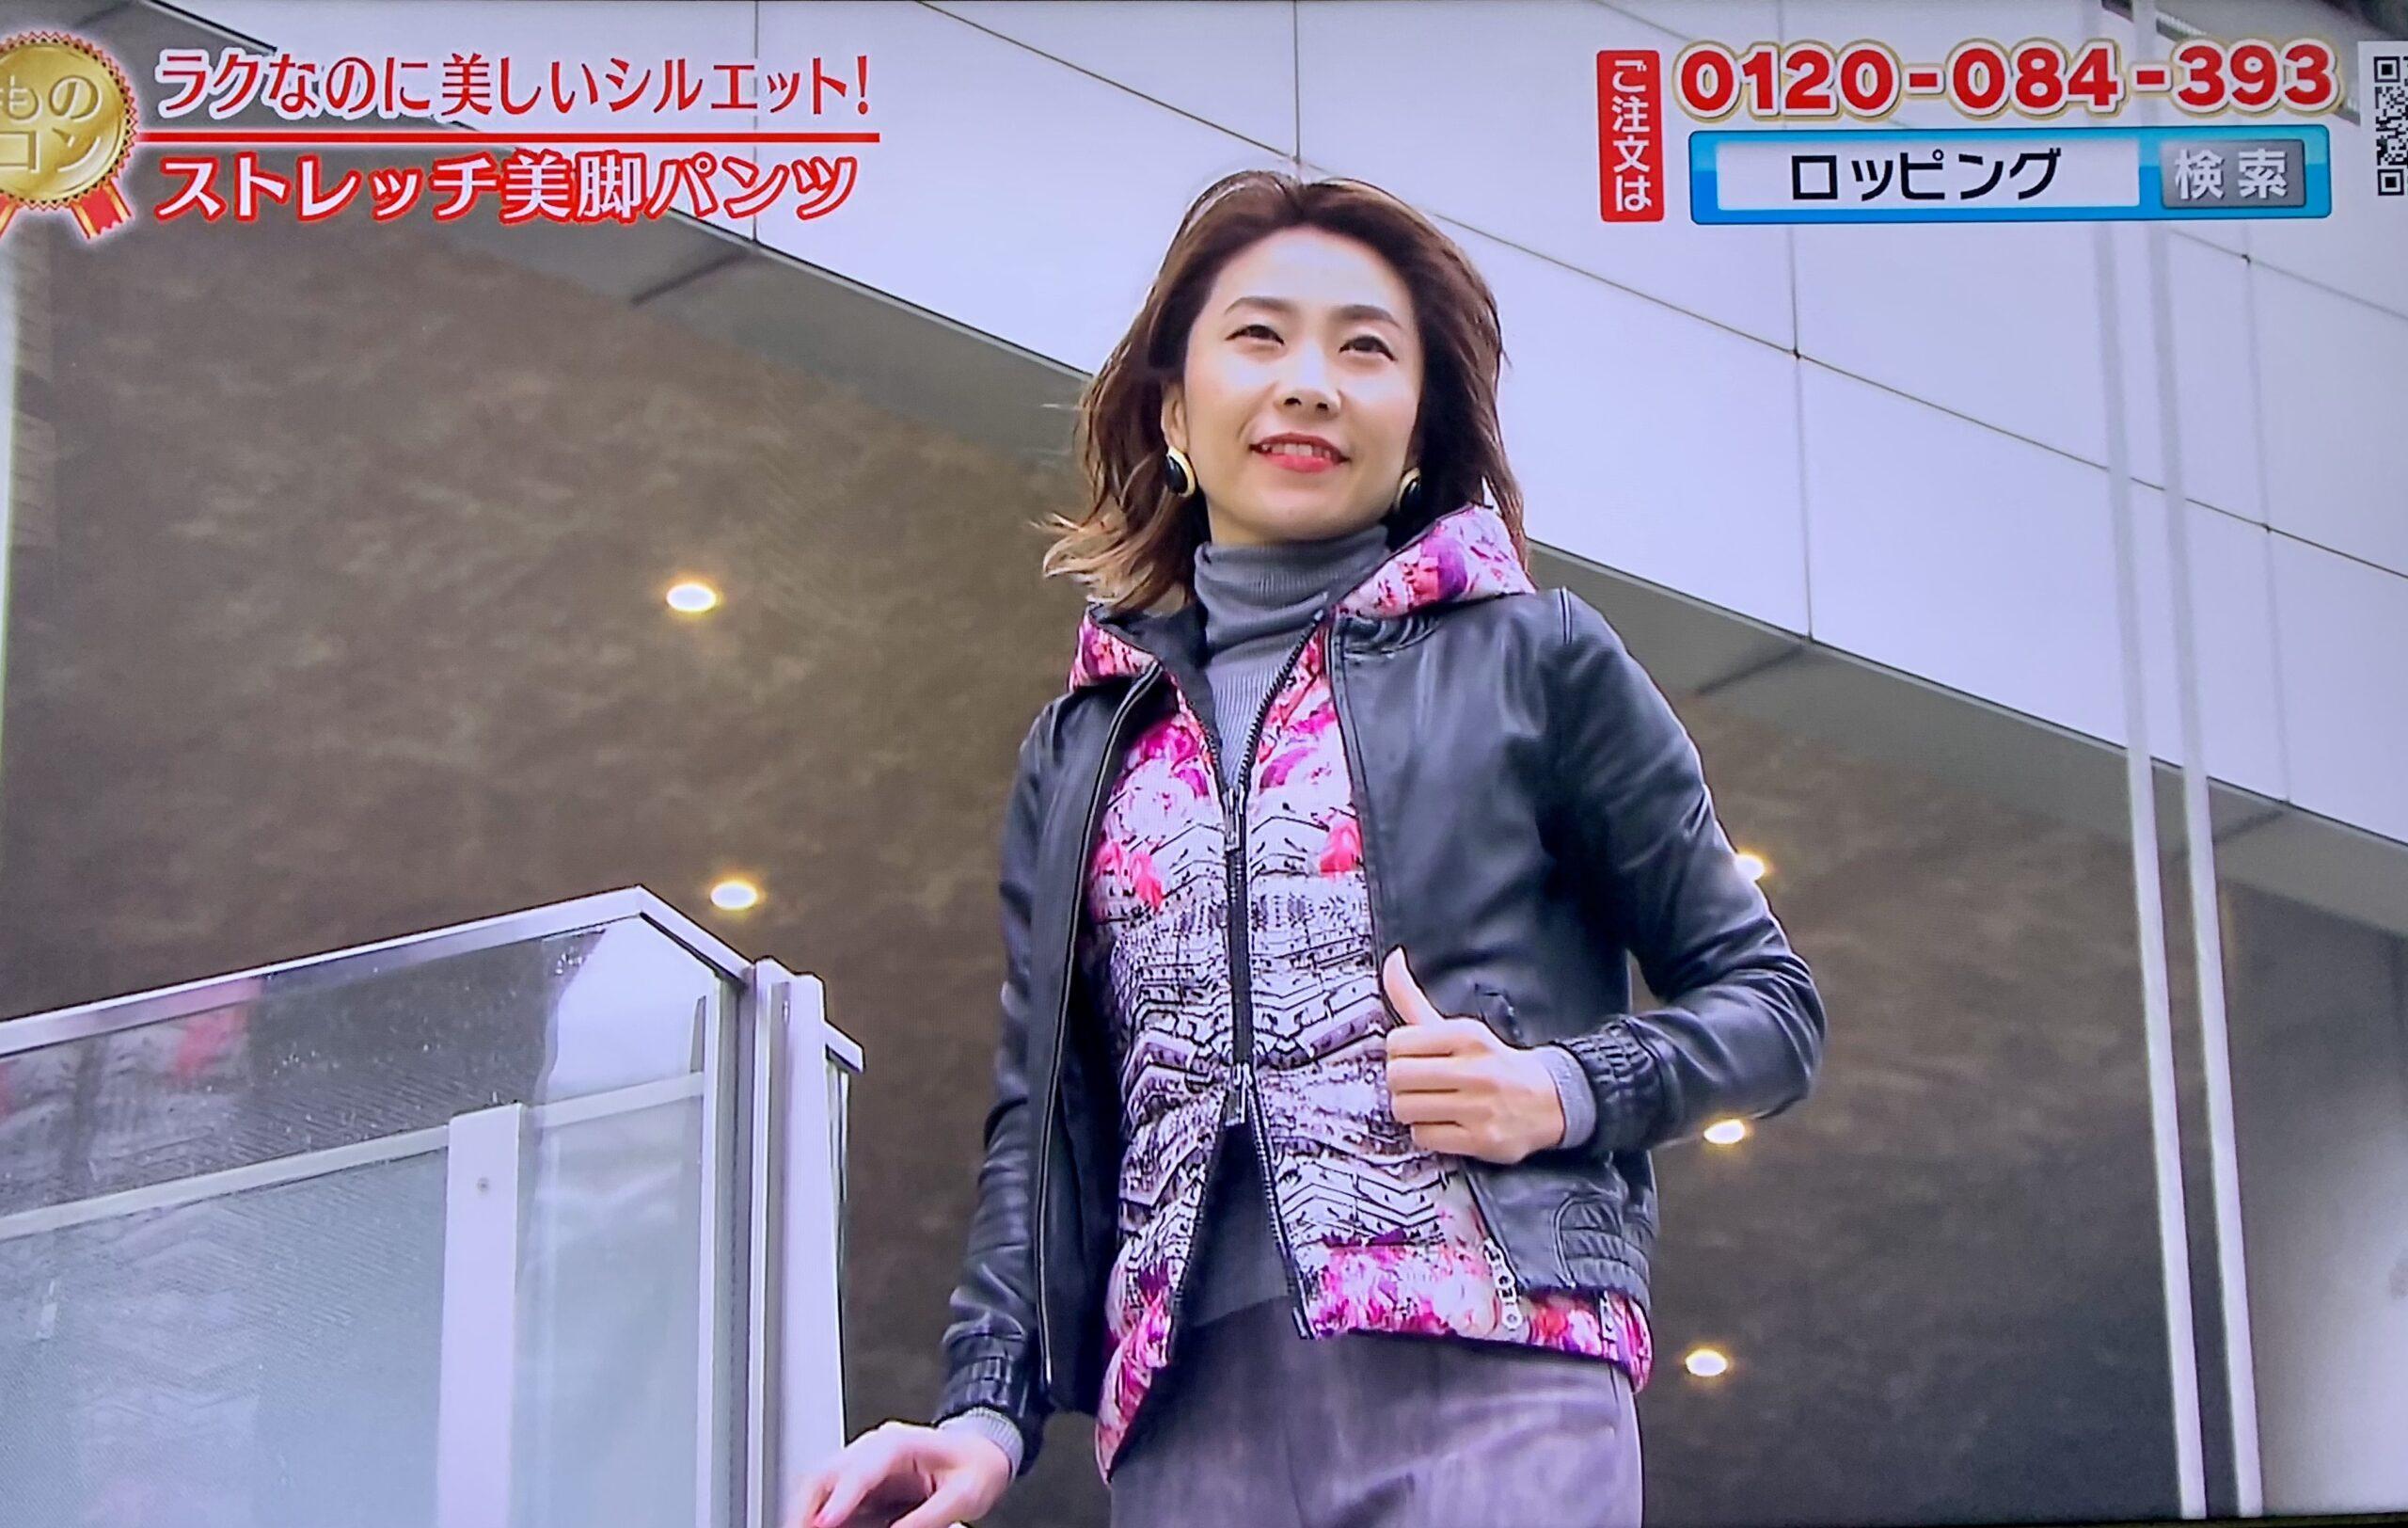 パーソナルスタイリスト 通販 テレビ出演